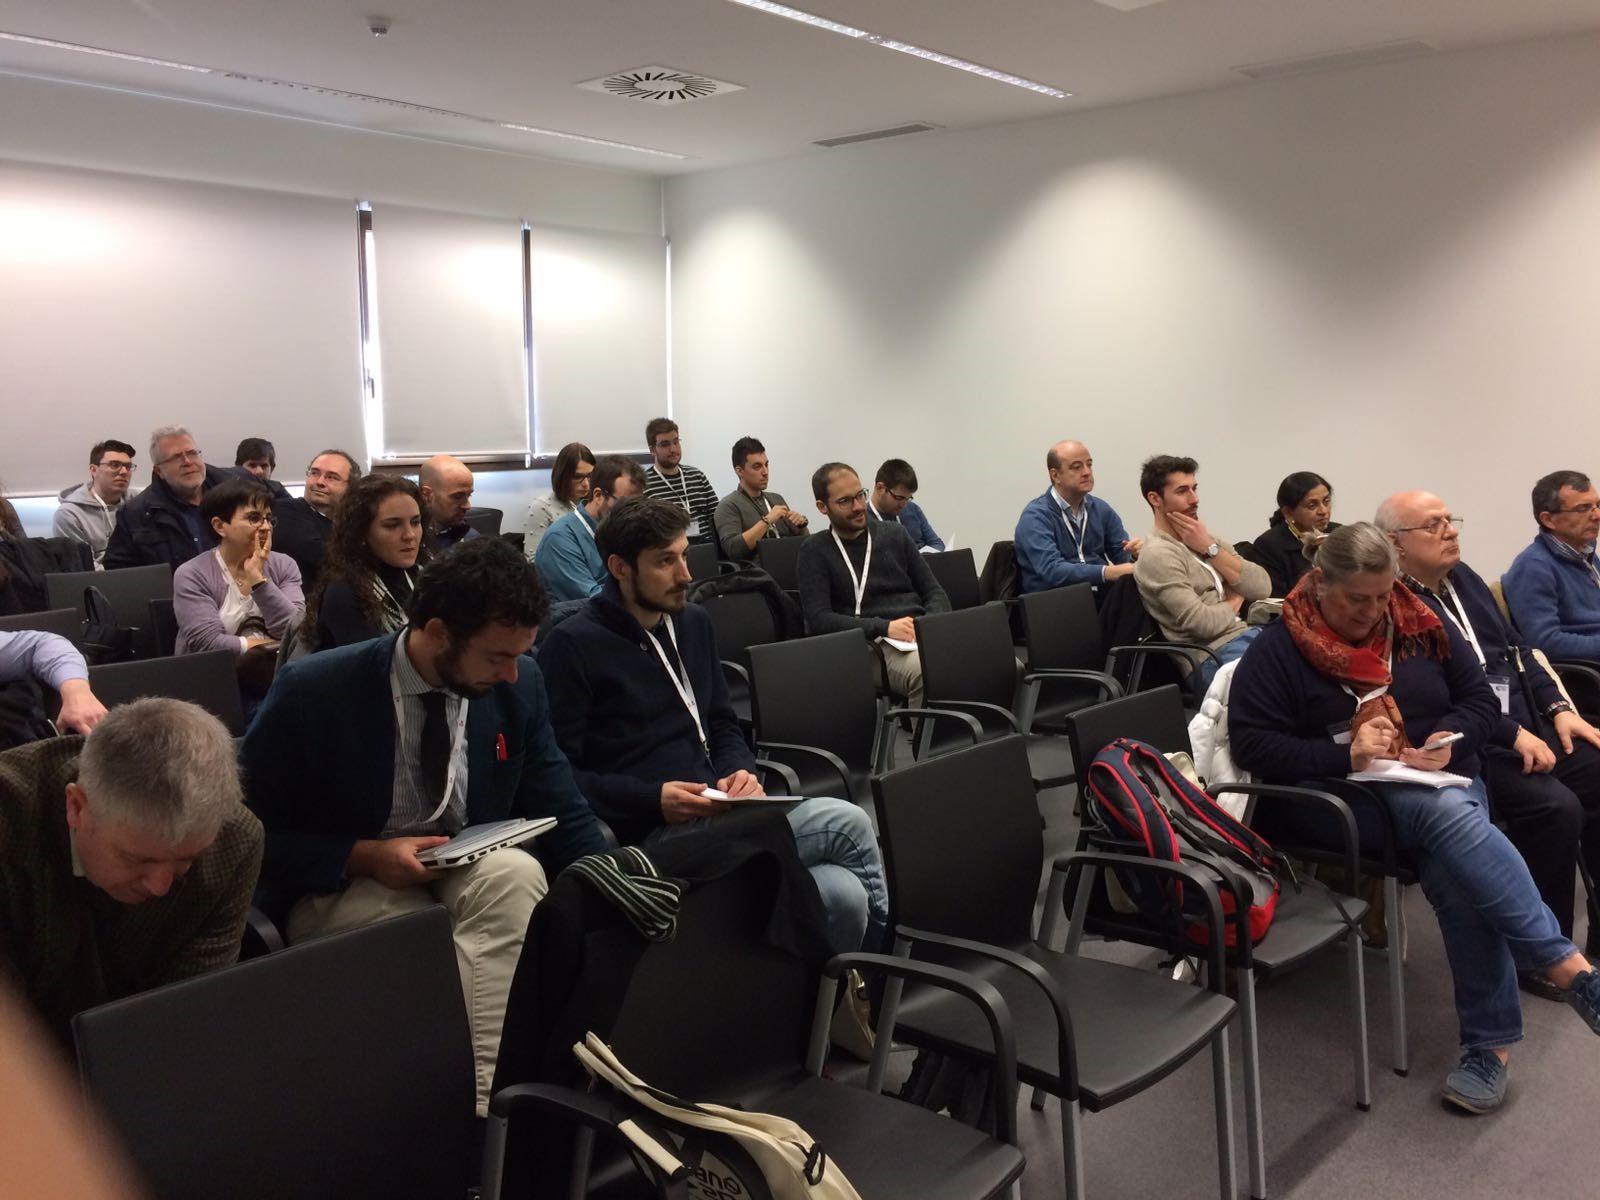 La Universidad acoge la reunión 'Nanolito 2017' para el estudio de nuevas técnicas de nanolitografía a base de grafeno y materiales 2D